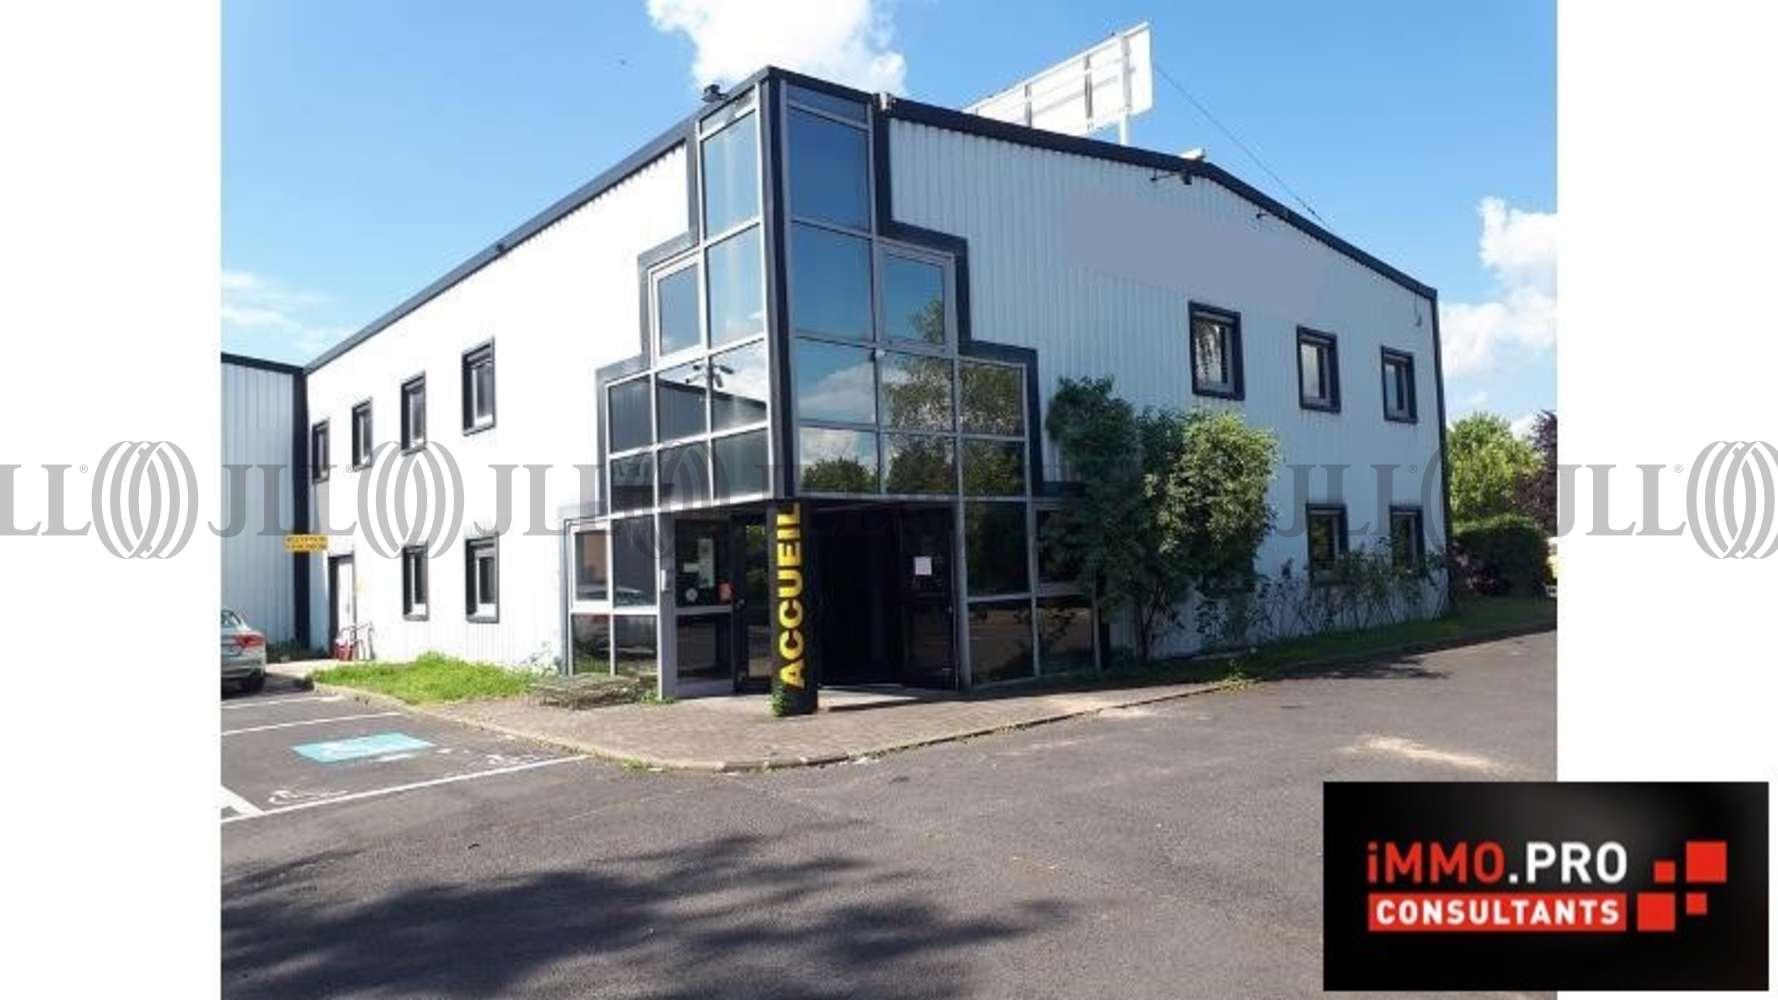 Activités/entrepôt Clermont ferrand, 63100 - RUE PIERRE BOULANGER